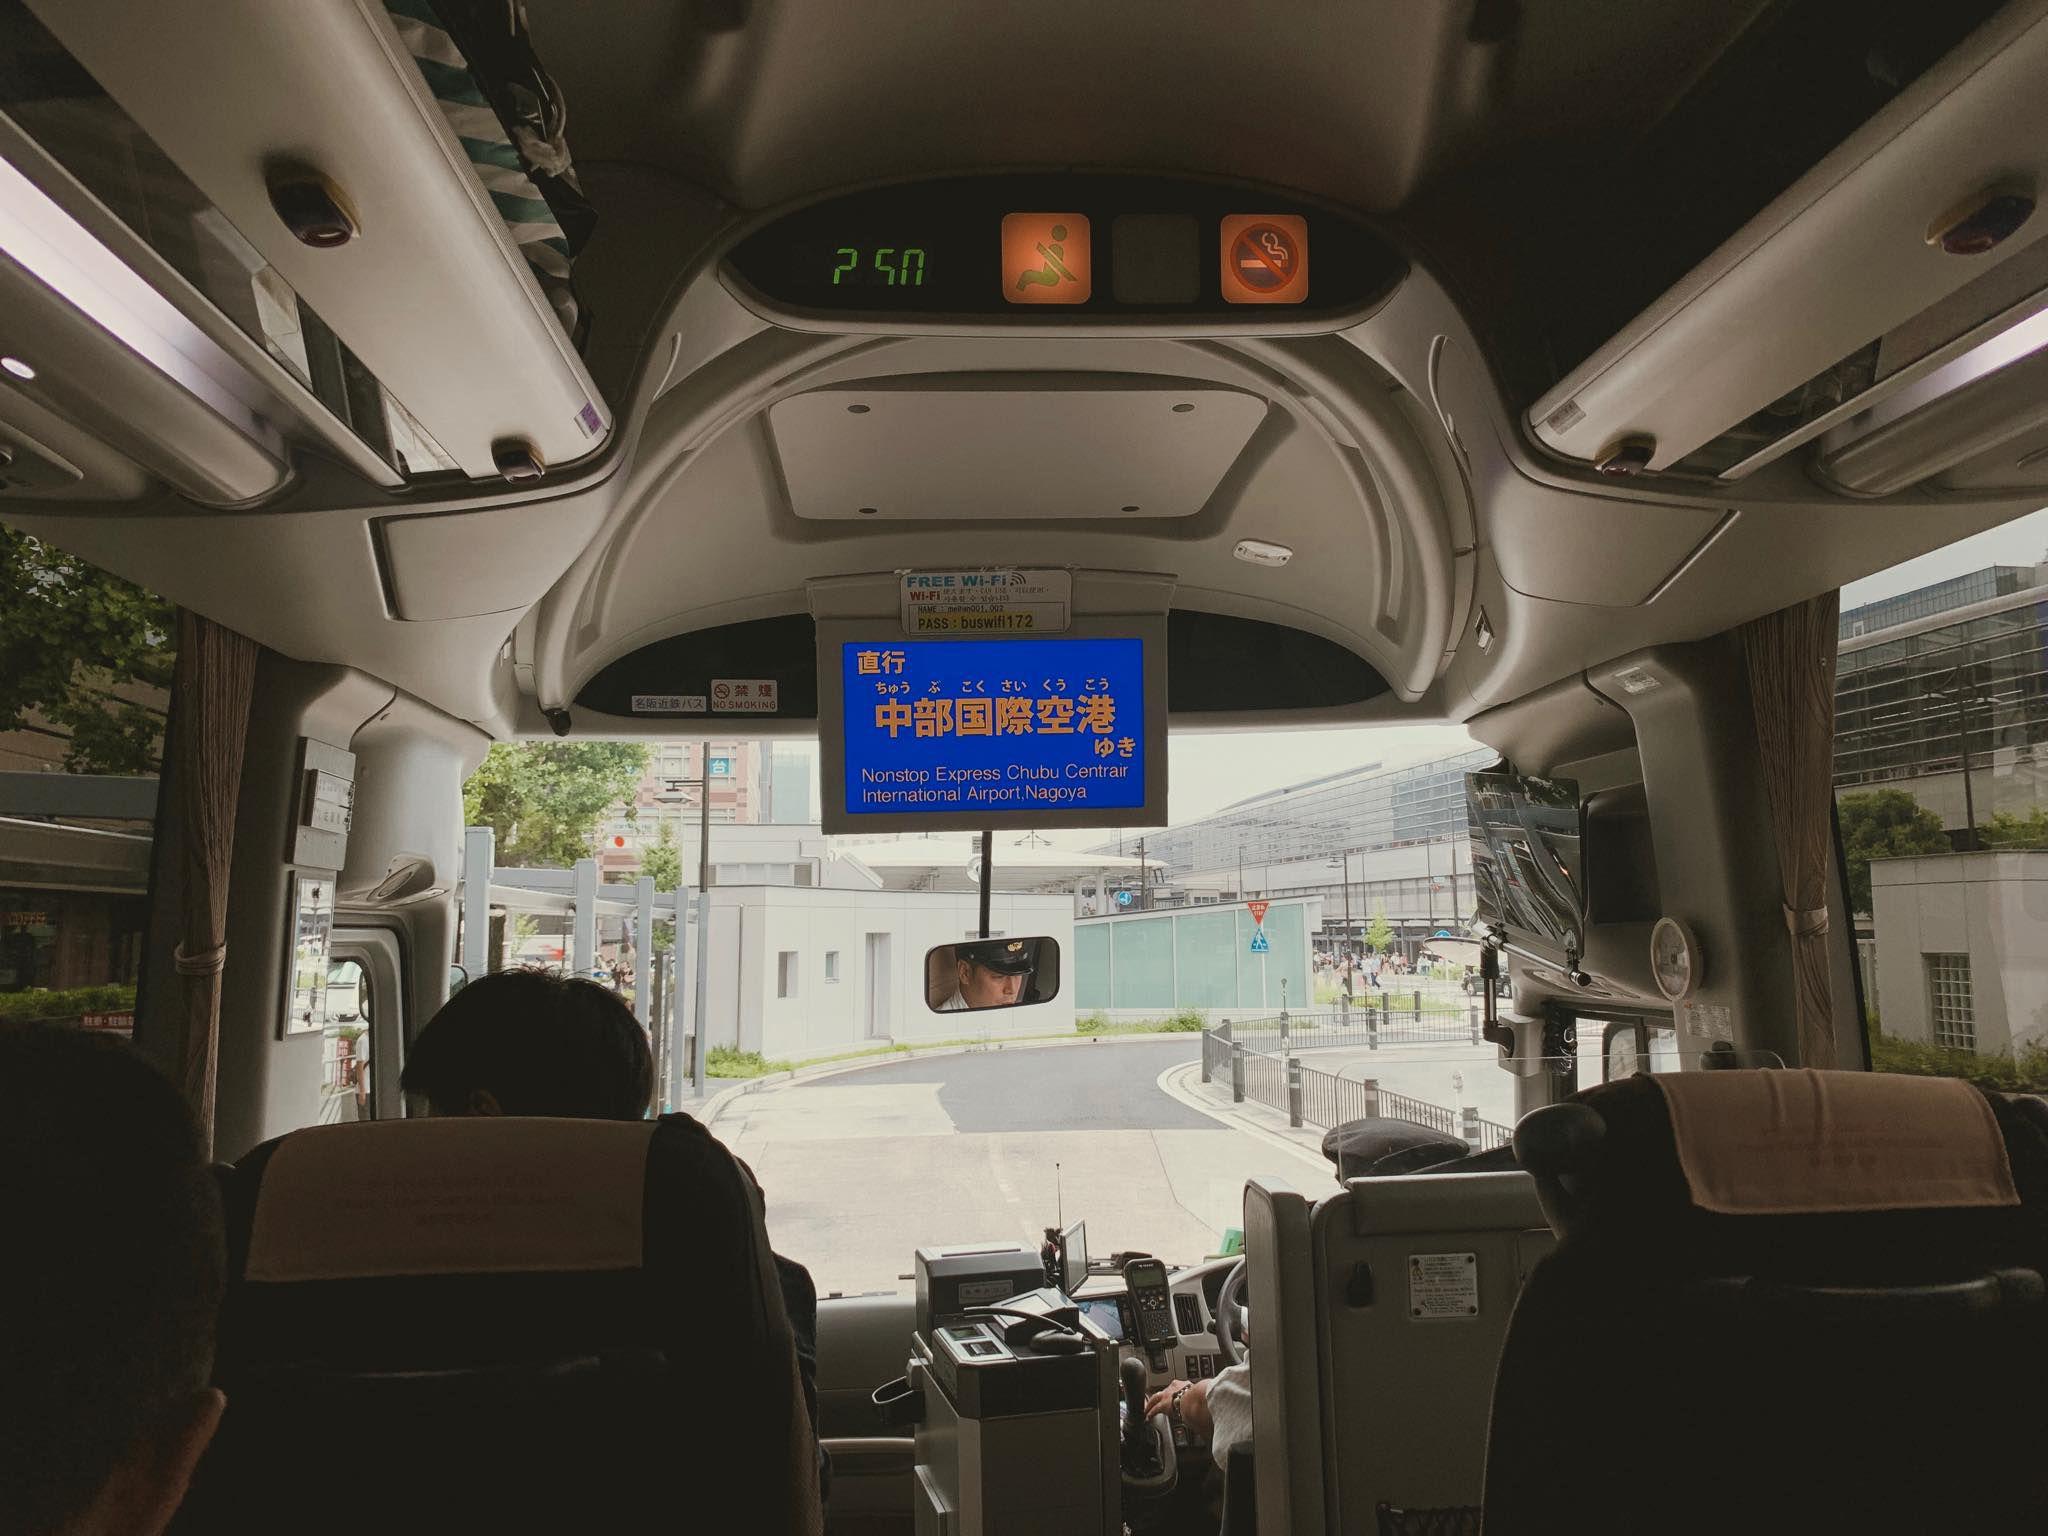 พื้นที่ภายในรถ Kyoto Bus จากเกียวโตไปยังสนามบินชูบุ นาโกย่า